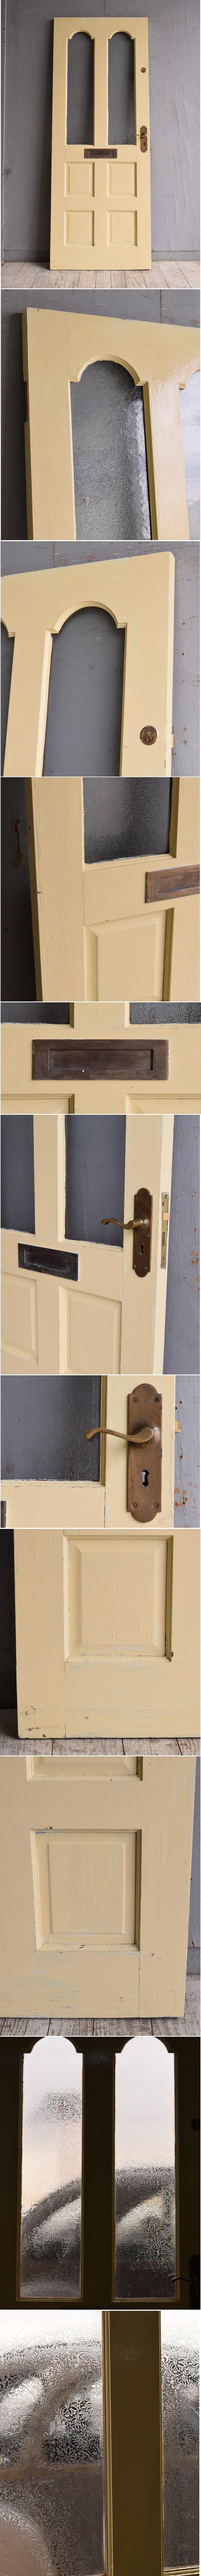 イギリス アンティーク ドア 扉 建具 9946